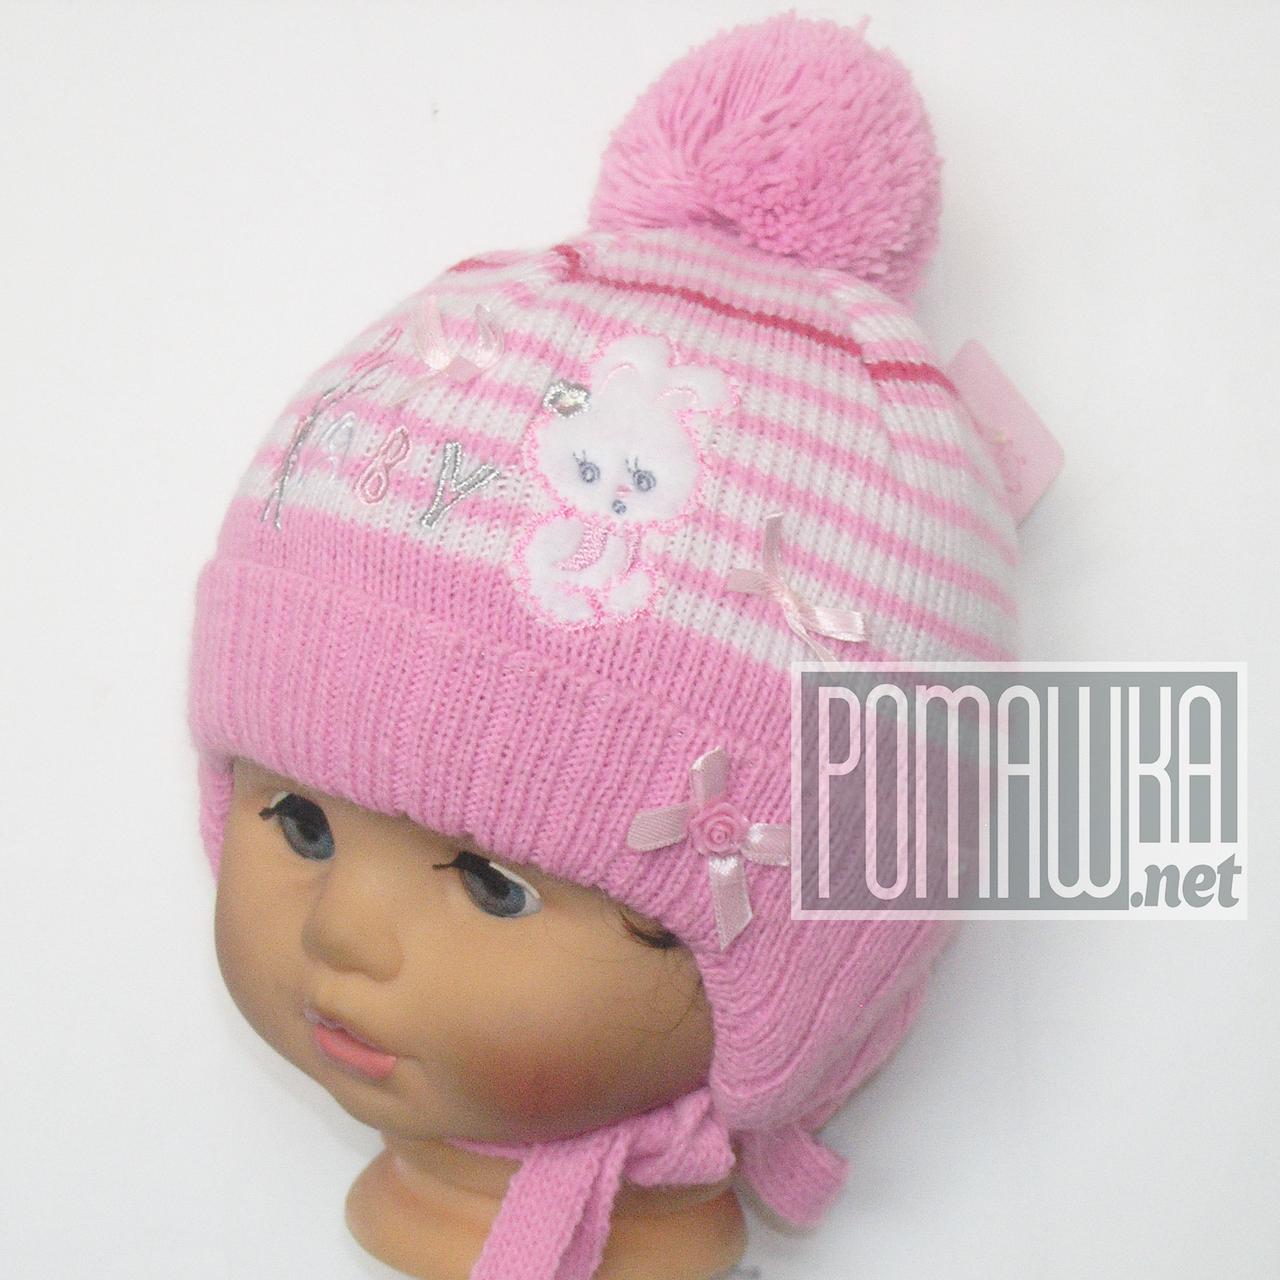 Дитяча зимова шапочка р. 40-44 на флісі з зав'язками для новонародженого 4512 Рожевий 42